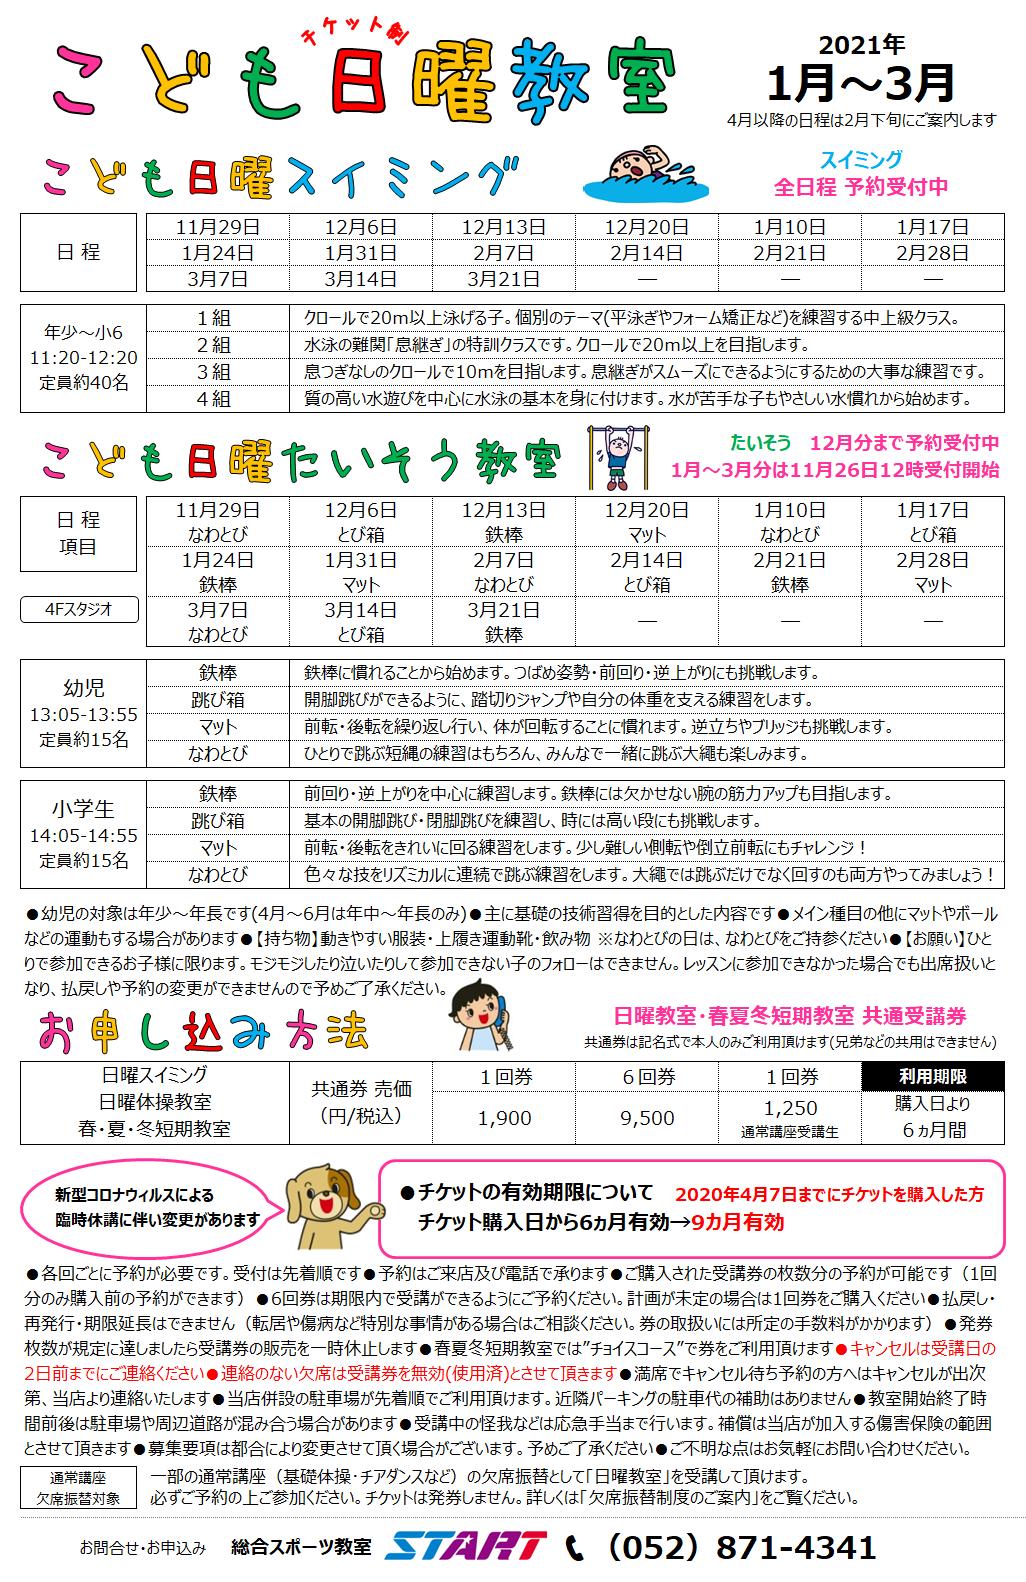 nichiyou20210103.PNG